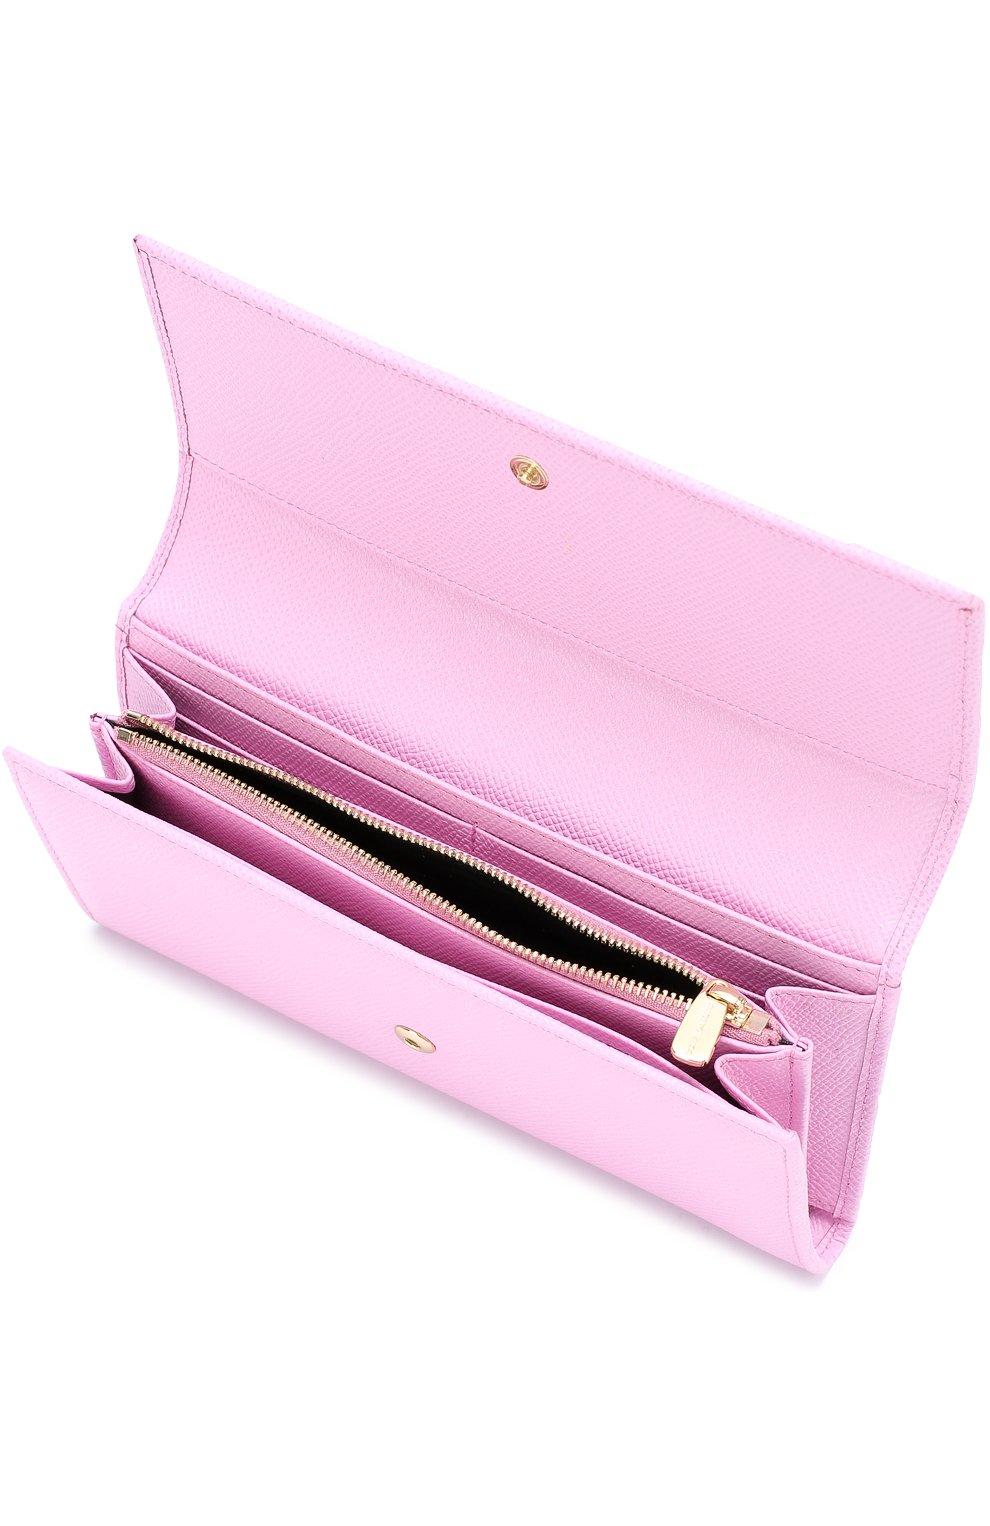 Кожаный кошелек с тиснением Dauphine | Фото №3